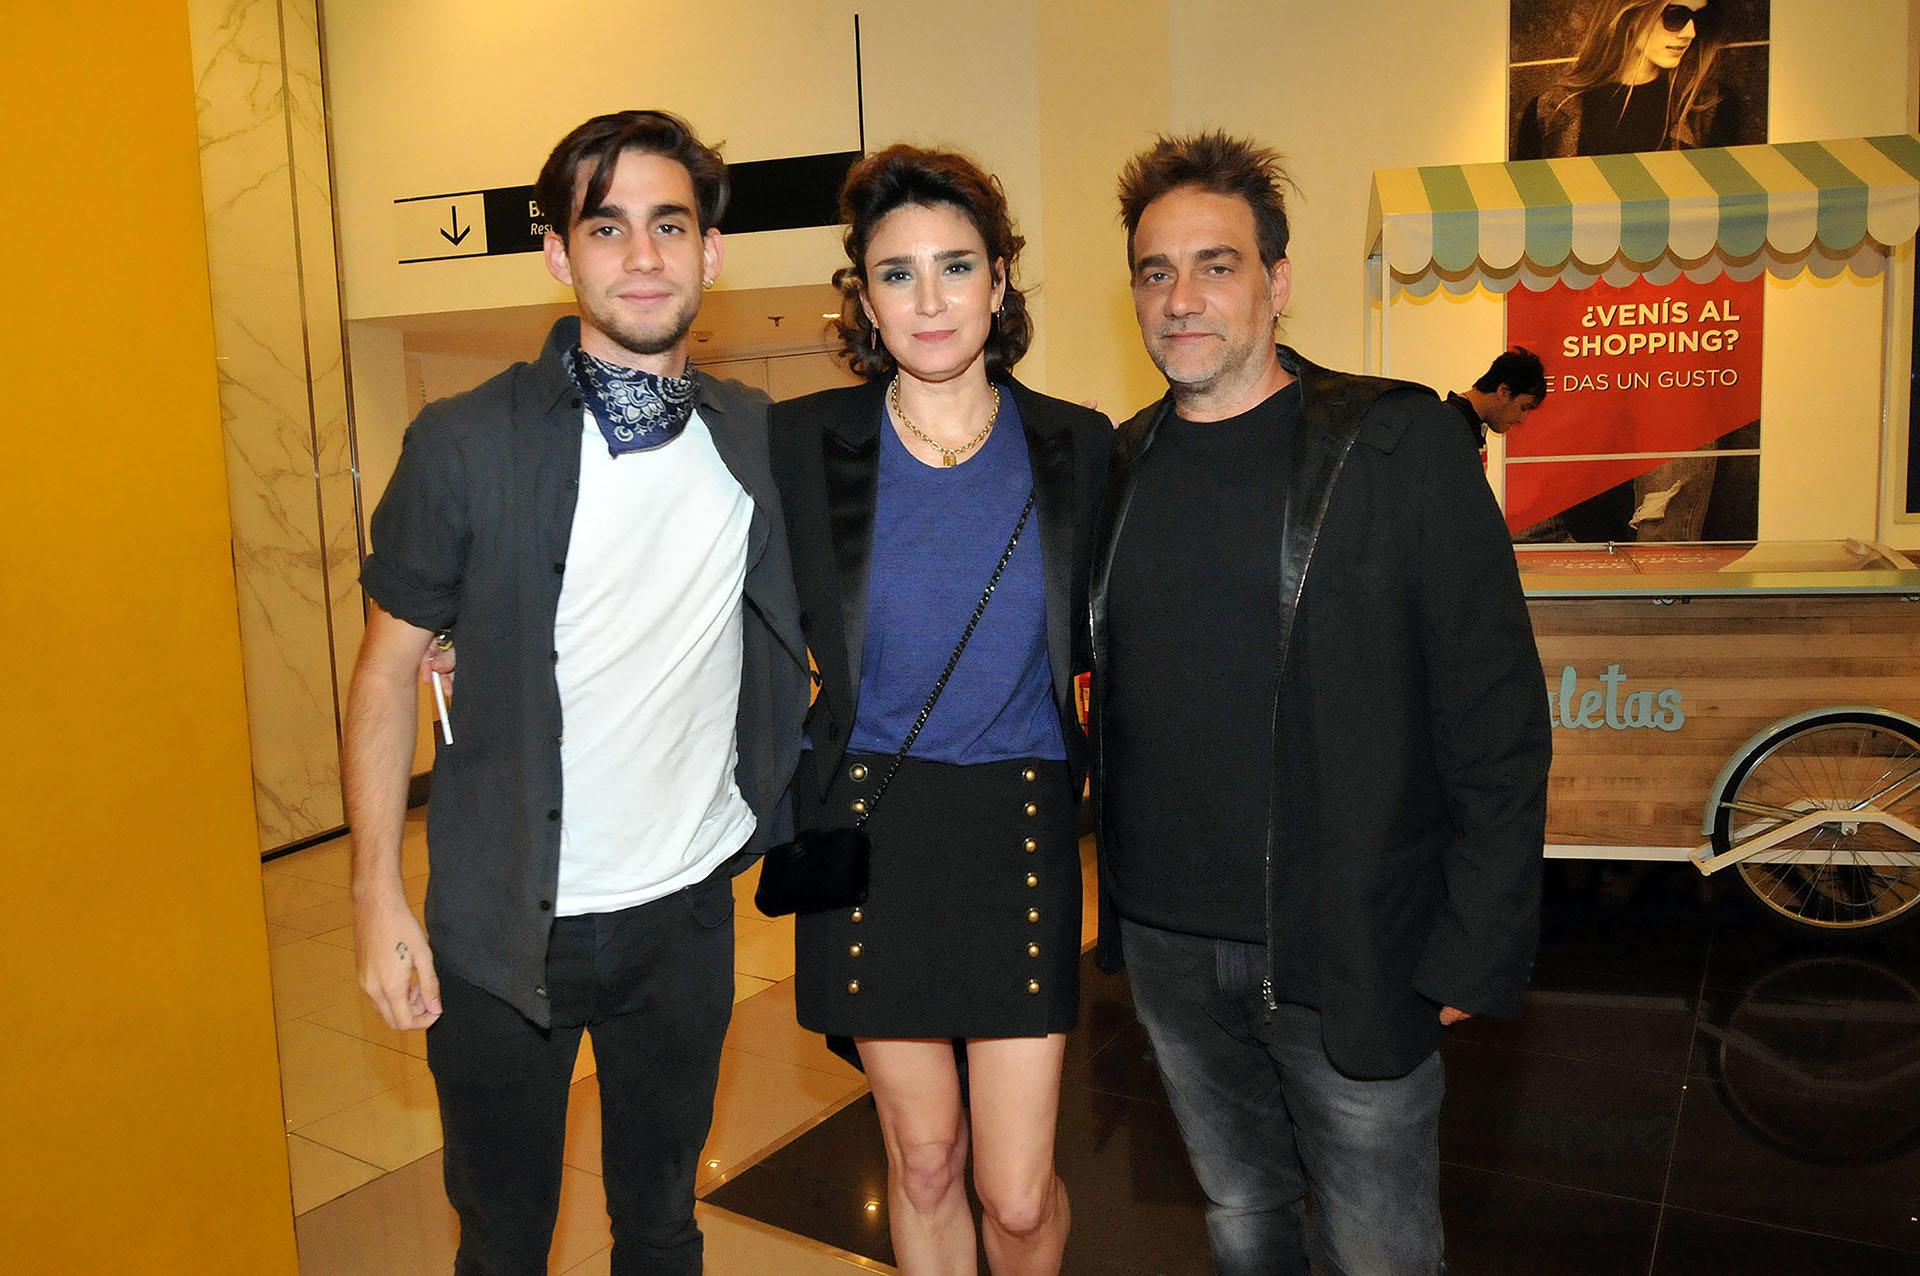 Valeria Bertuccelli, acompañada por su esposo Vicentico y su hijo Florian